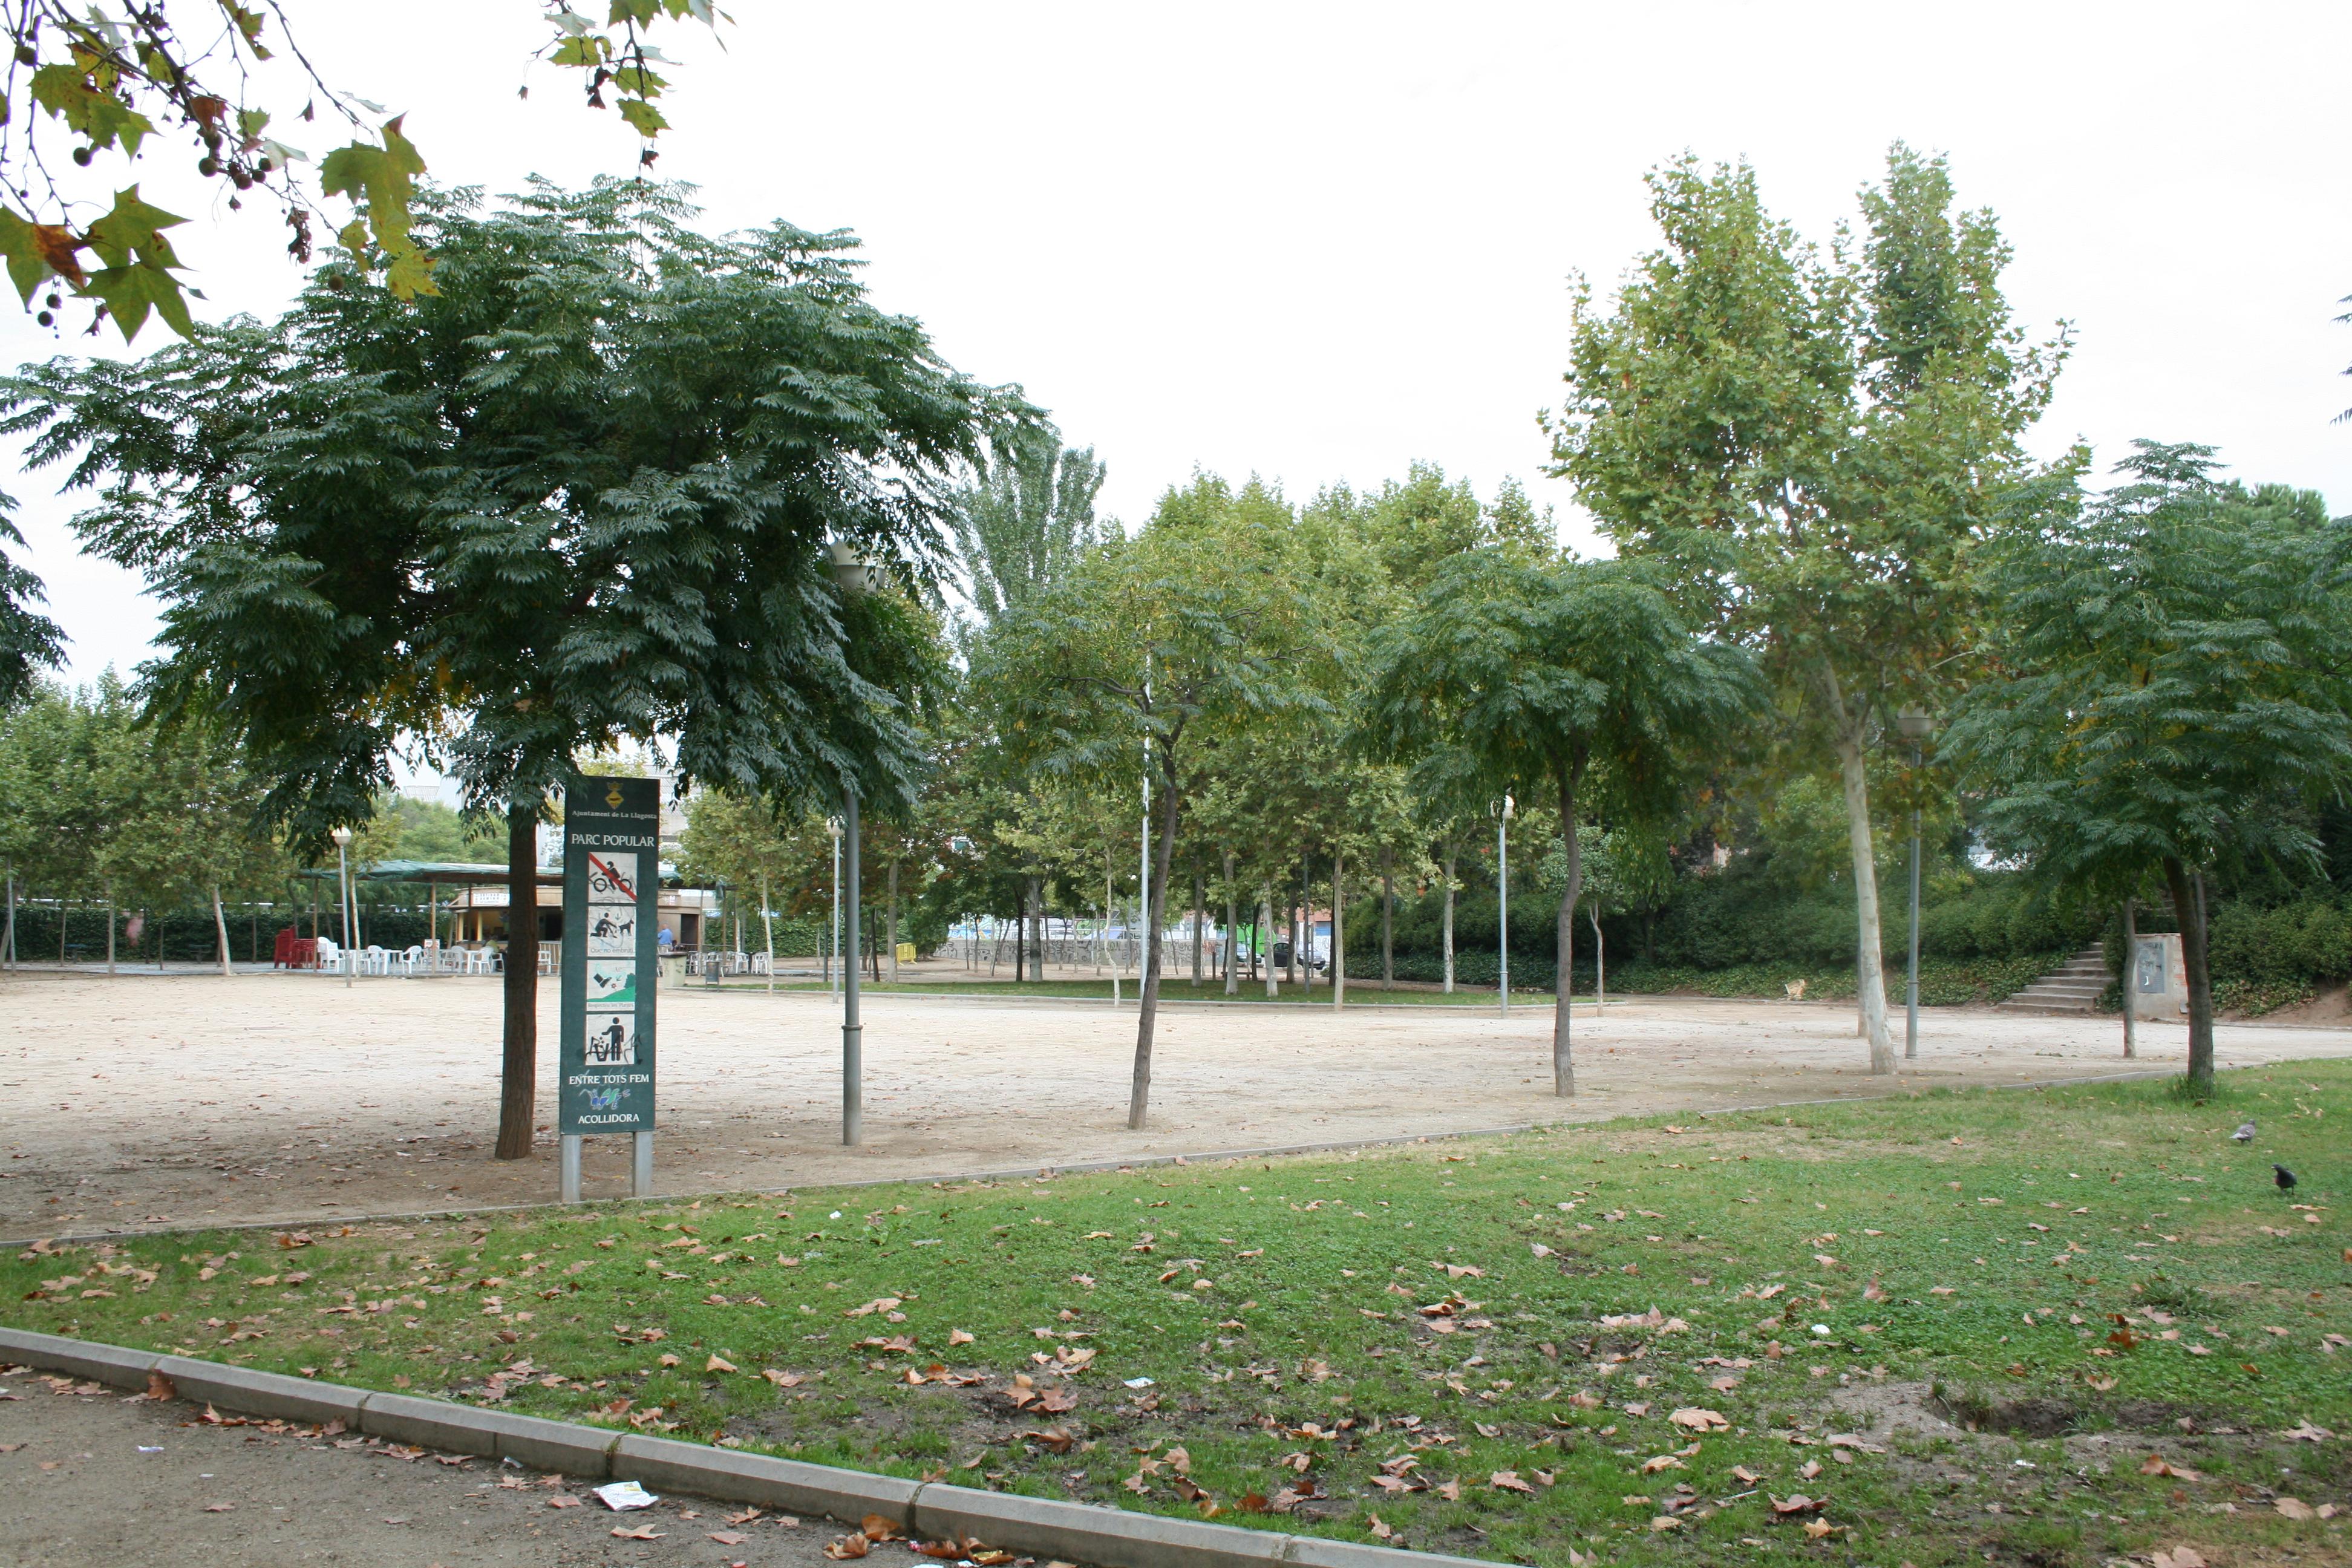 Tractament fitosanitari dels arbres del municipi